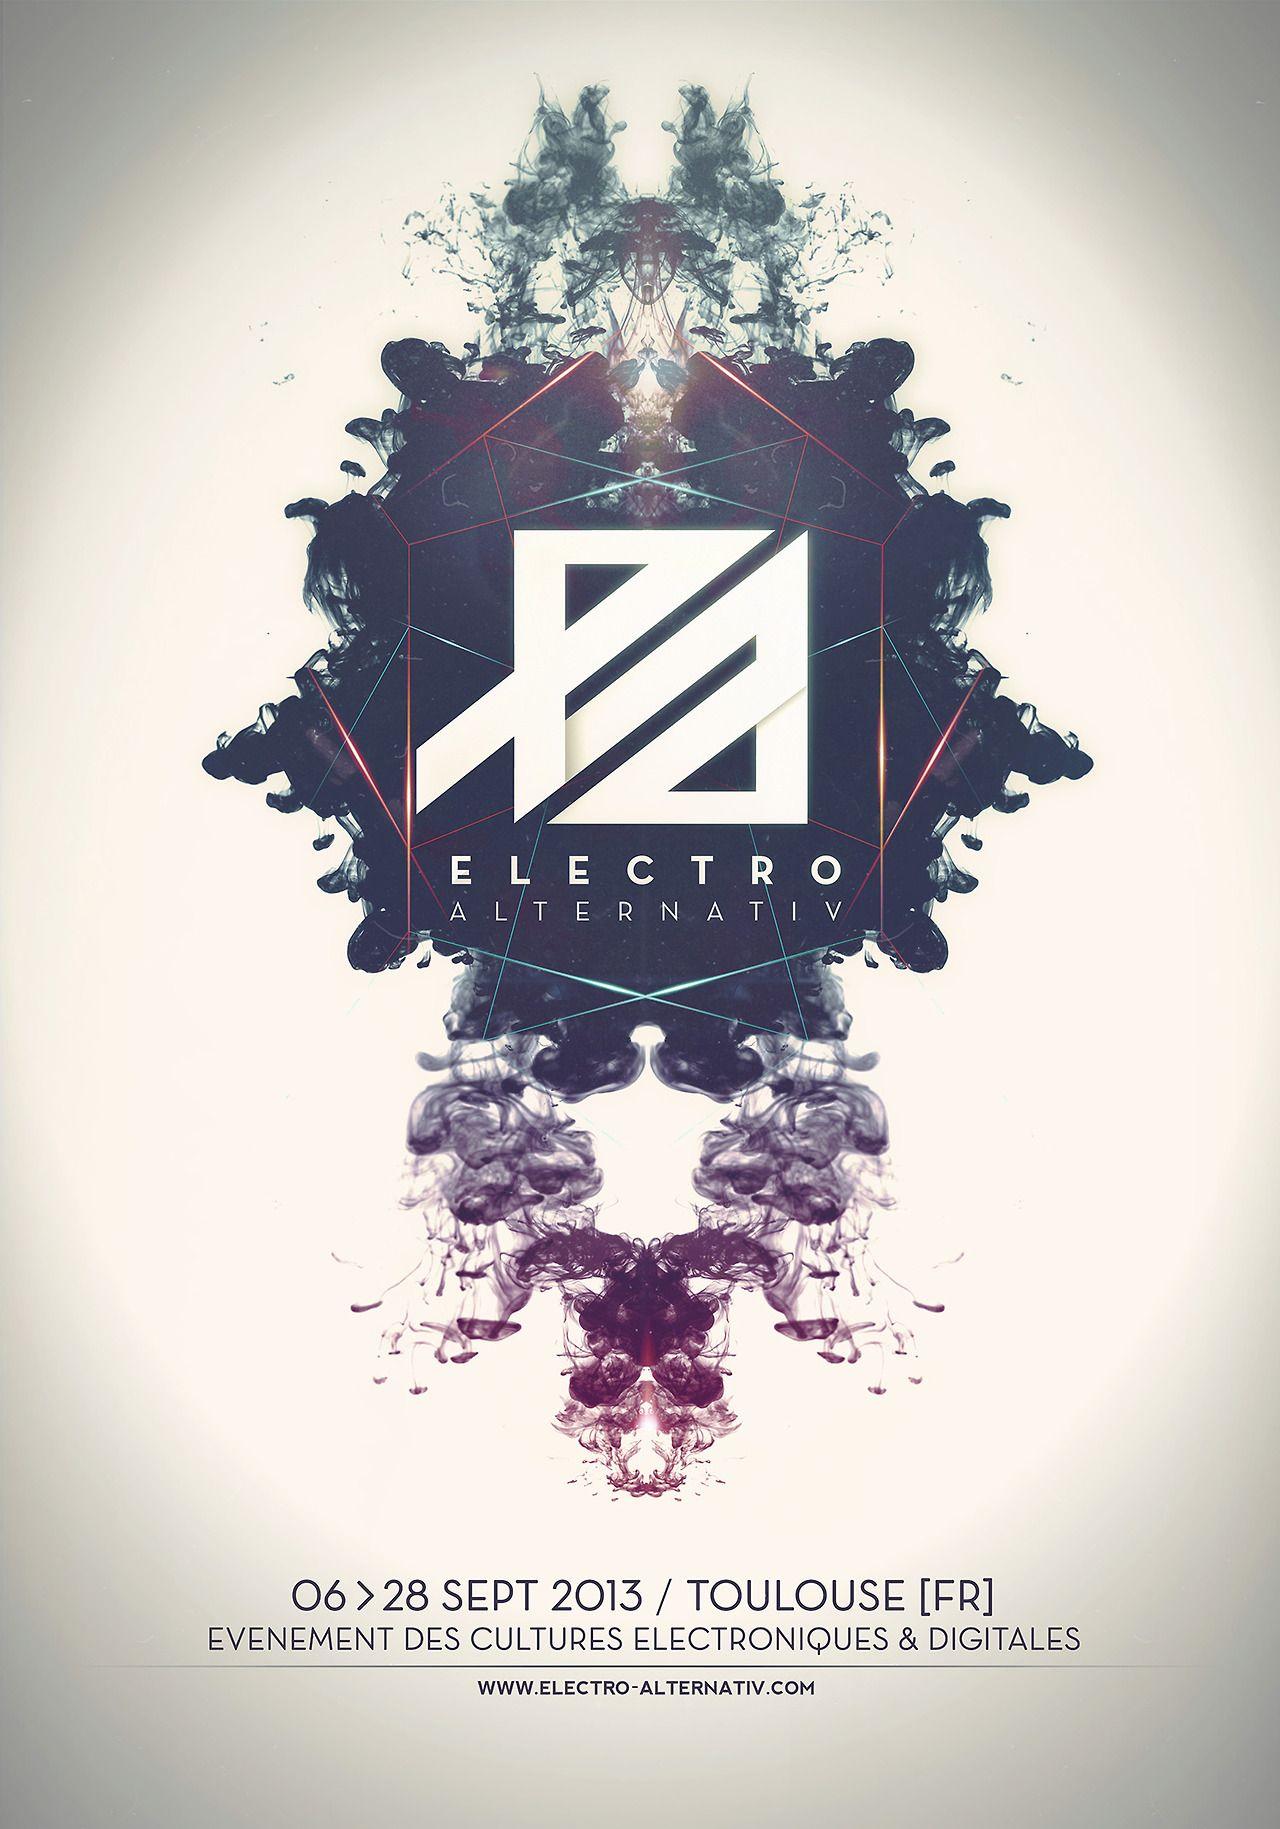 Electro alternativ festival toulouse flyer par crssbw for Pop up window design inspiration